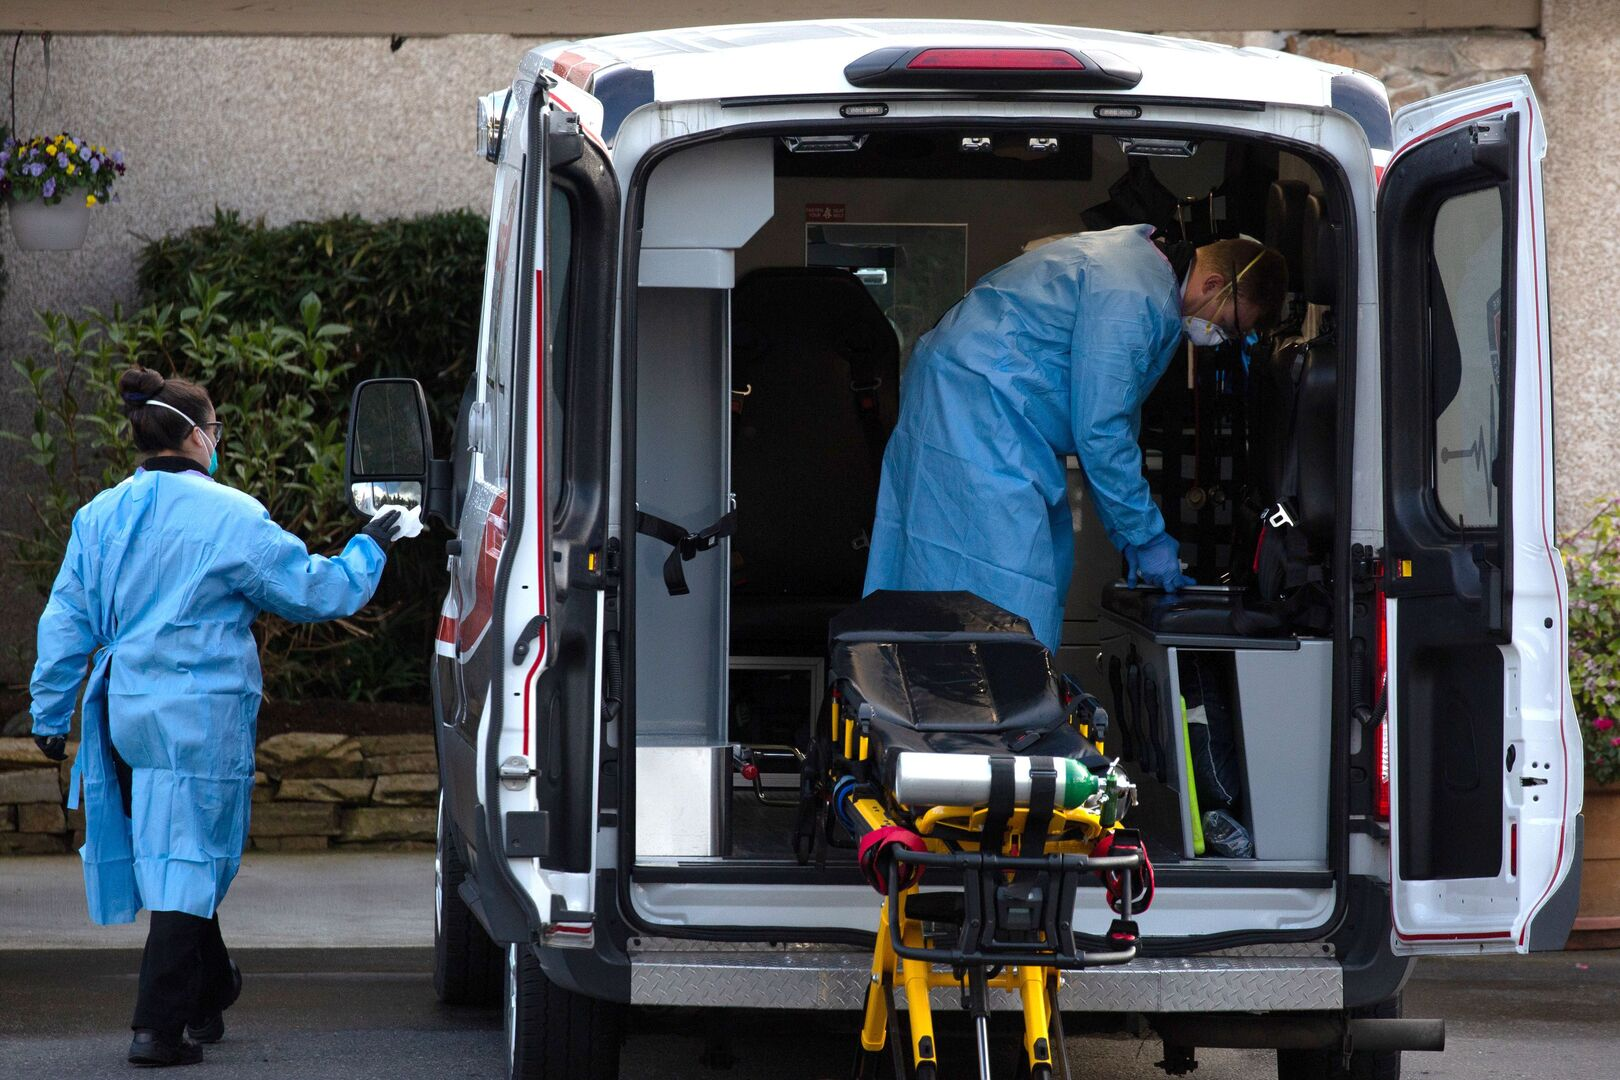 روسيا مستعدة لمساعدة الولايات المتحدة في مواجهة فيروس